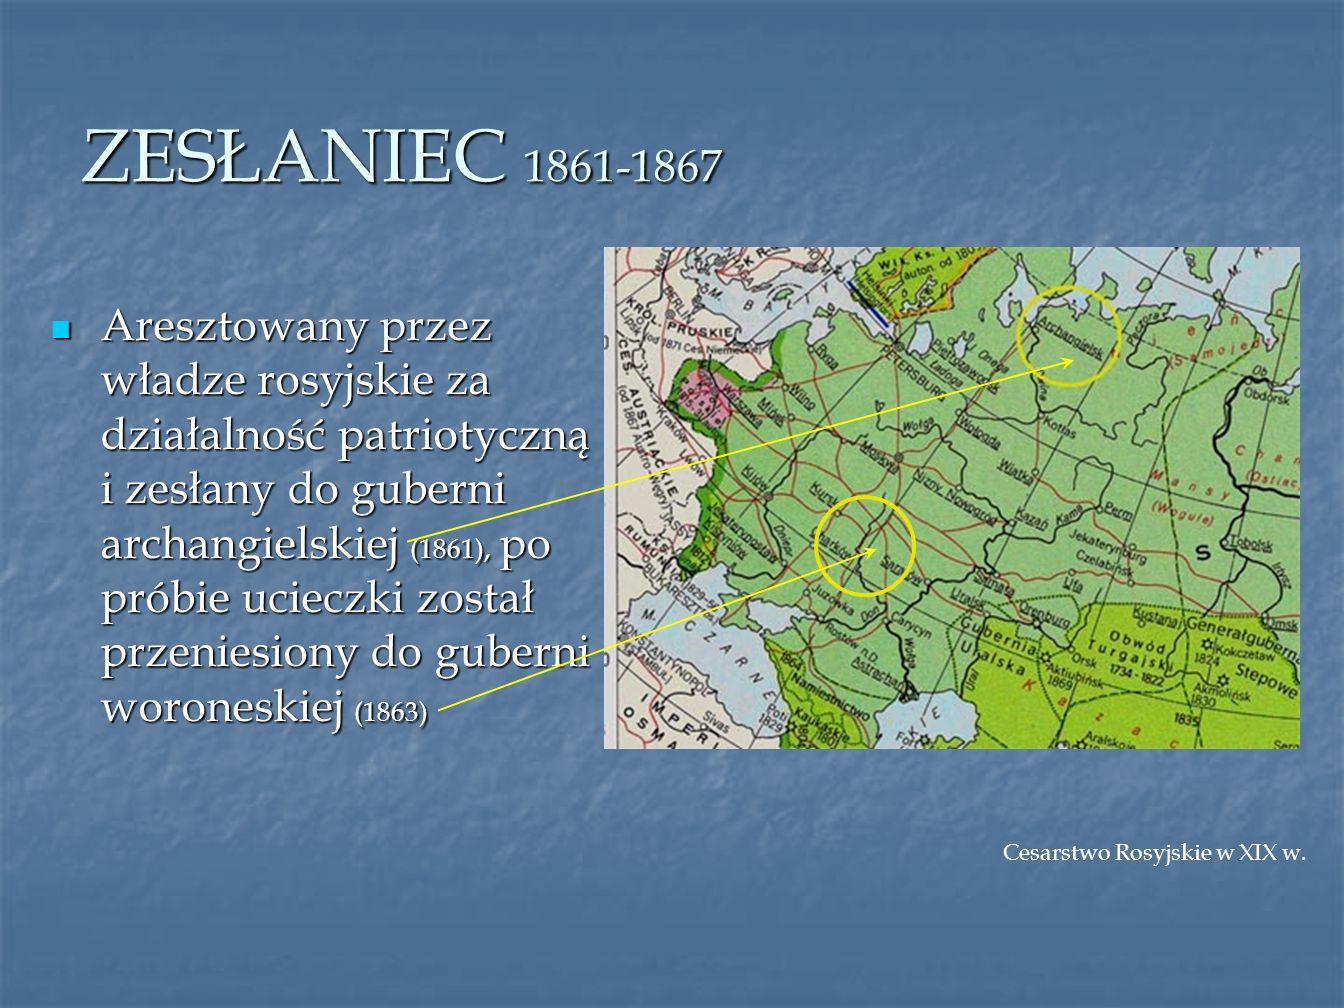 EMIGRANT 1870-1906 Europa w latach 1871-1914 Opuszcza Warszawę, do której przybył po zesłaniu, przenosi się do Lwowa (1870), później do Genewy (1877) i Paryża (1889) Opuszcza Warszawę, do której przybył po zesłaniu, przenosi się do Lwowa (1870), później do Genewy (1877) i Paryża (1889)